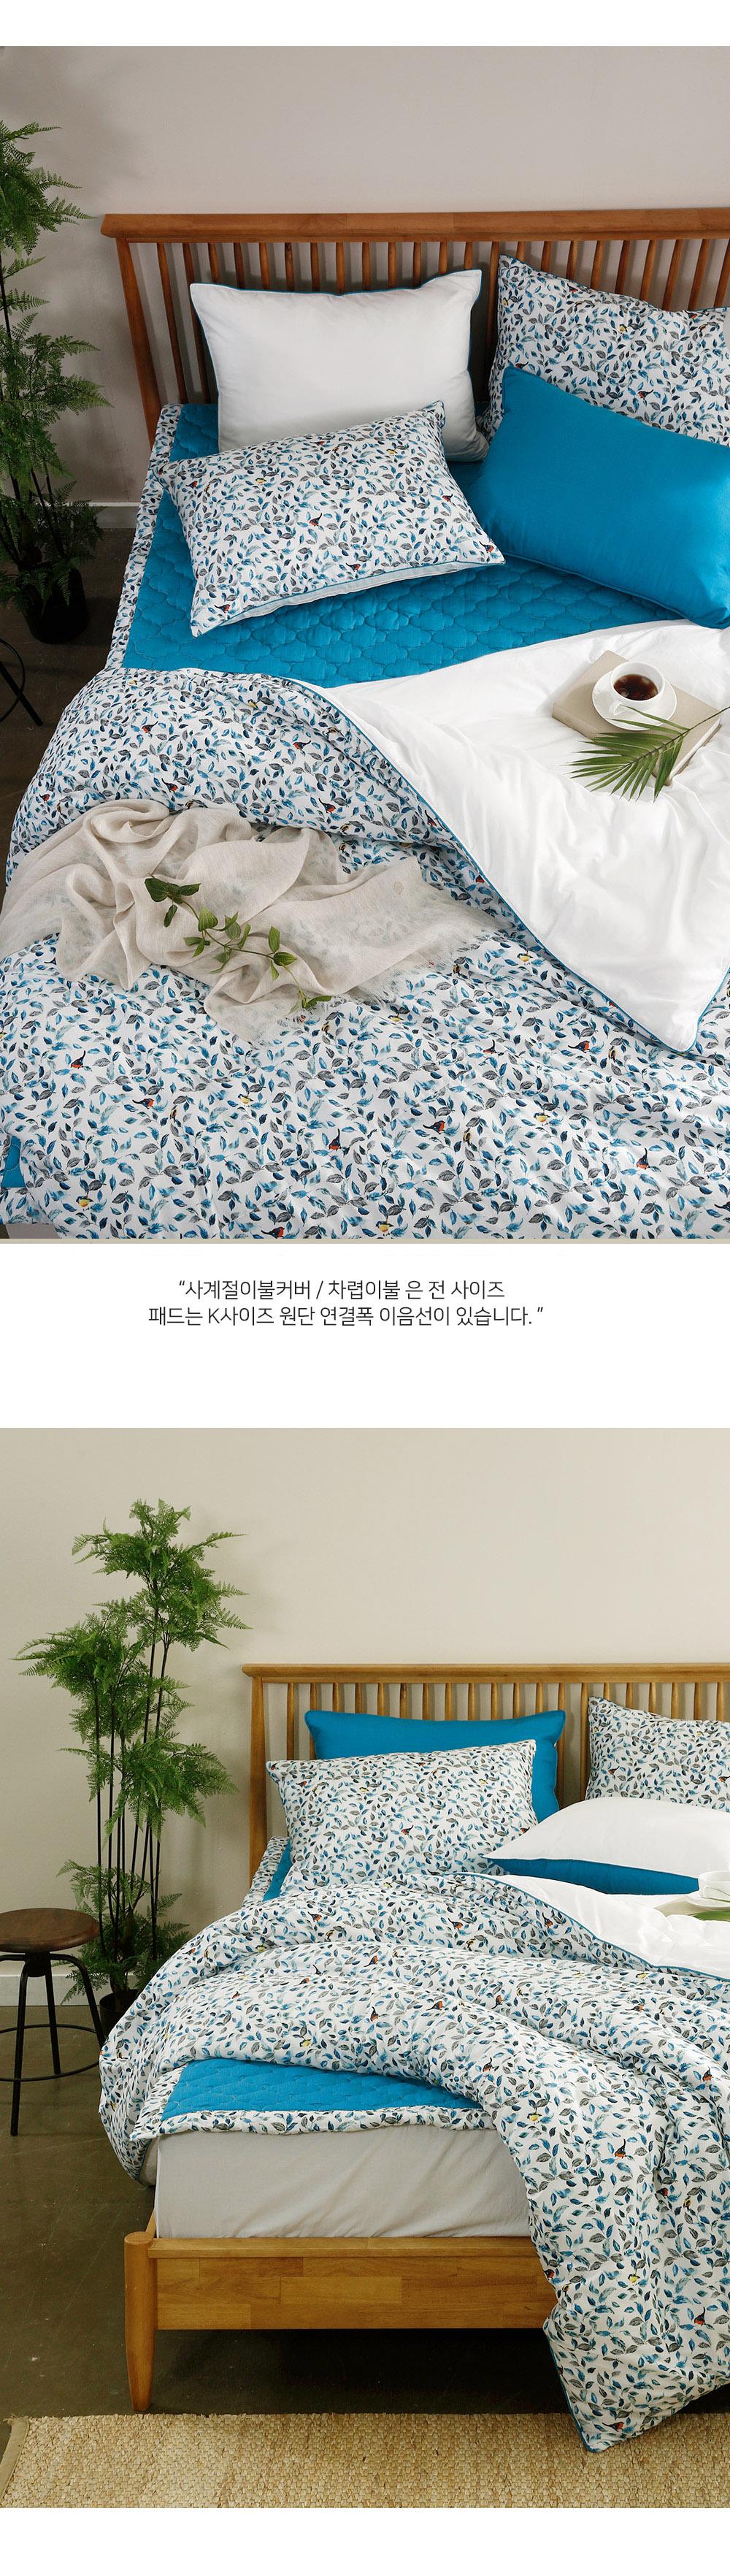 썸 모달60수 사계절 누비이불커버 Q - 스페이스샵, 210,000원, 침구 커버, 이불커버